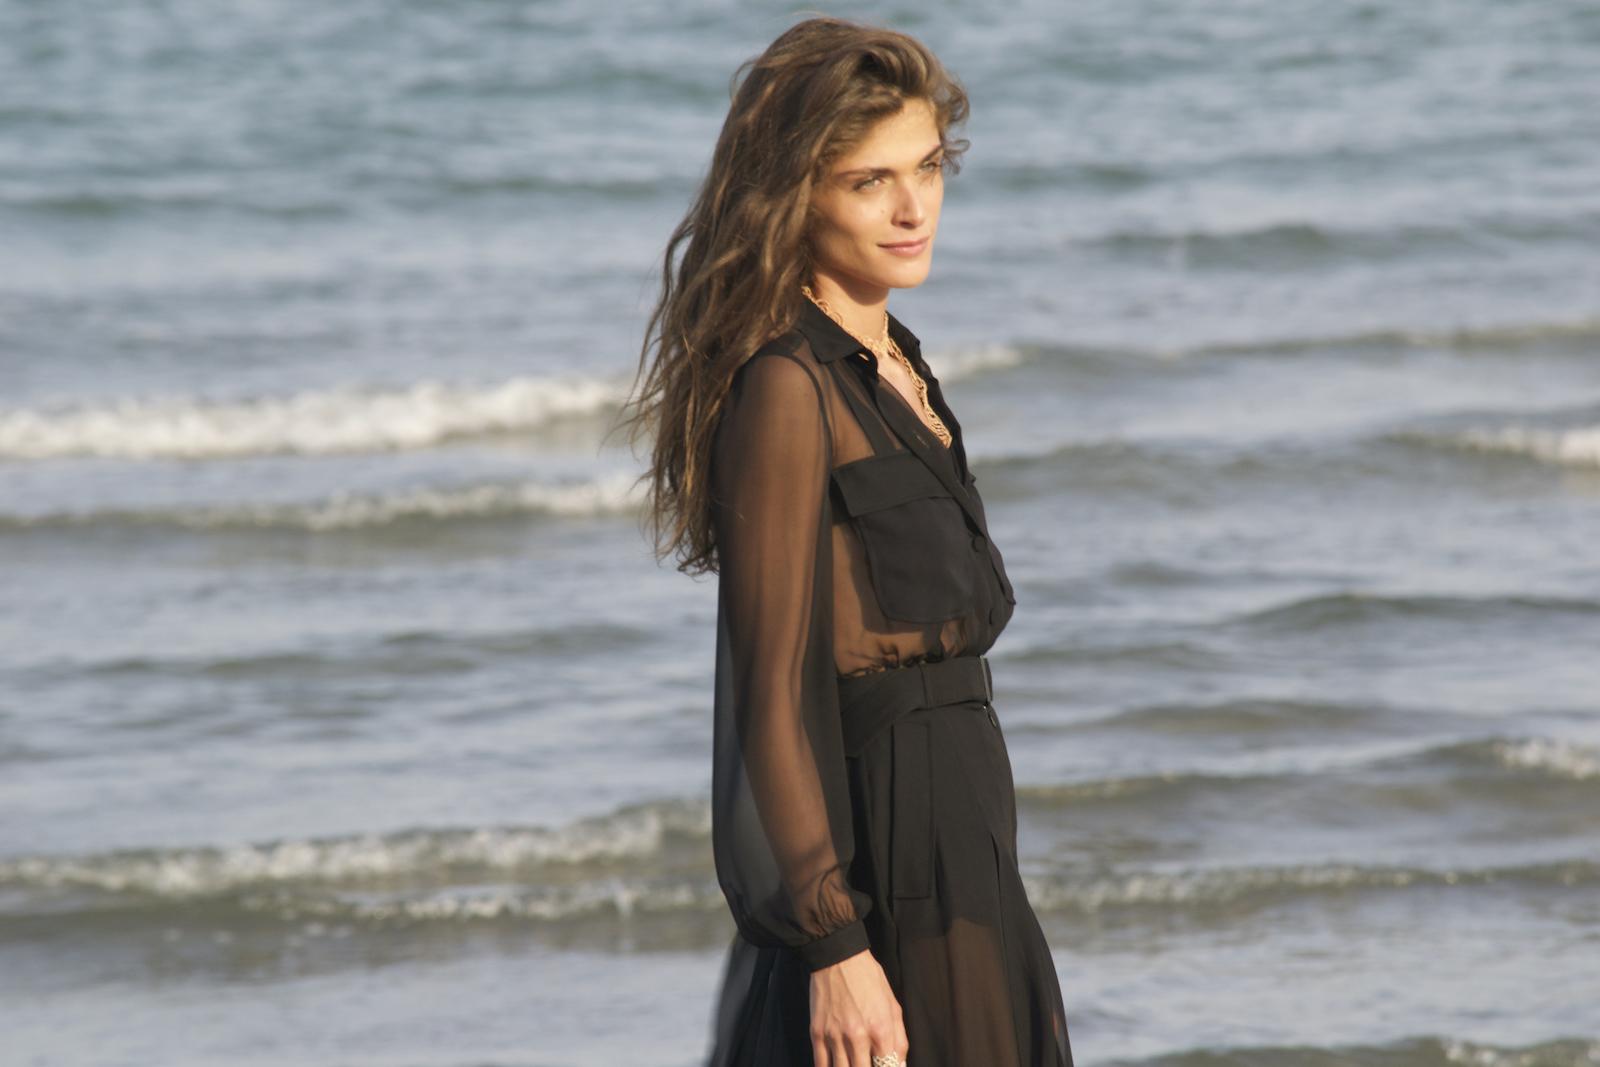 Venezia 2015: La madrina Elisa Sednaoui sulla spiaggia dell'Excelsior